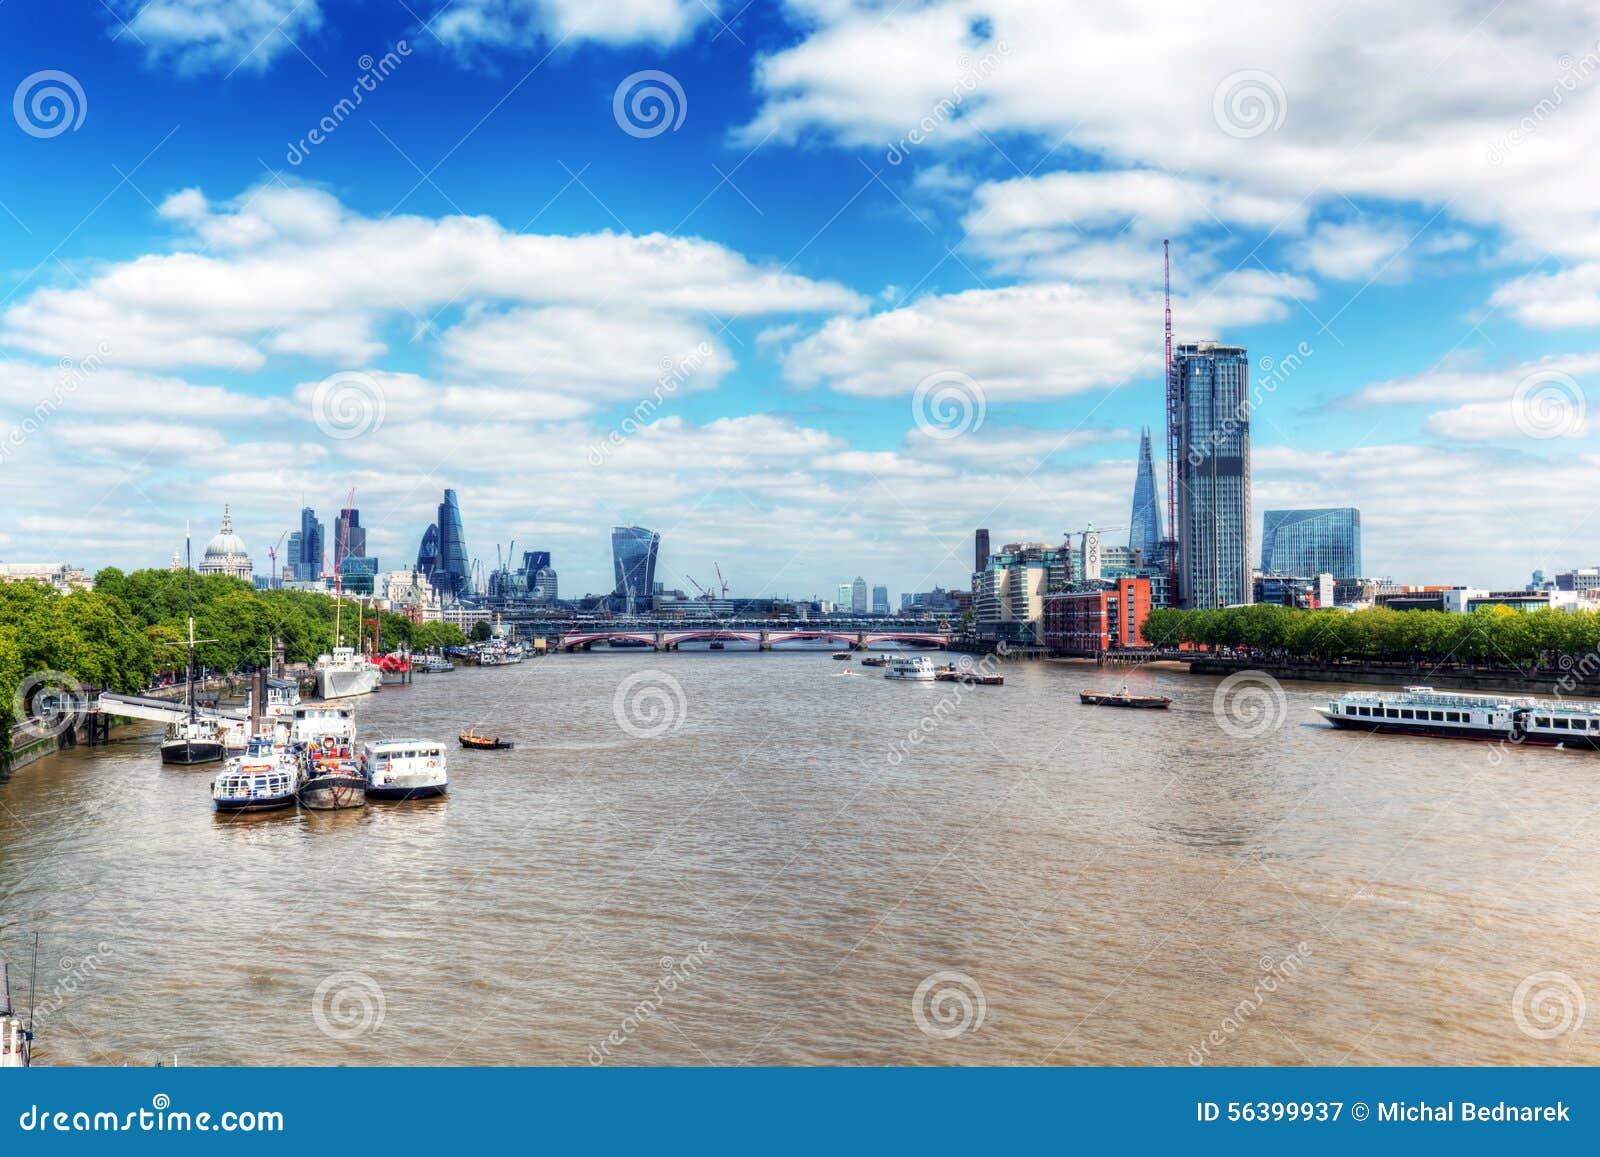 Λονδίνο UK Άποψη σχετικά με τον ποταμό Τάμεσης και τον καθεδρικό ναό του ST Paul, η πόλη